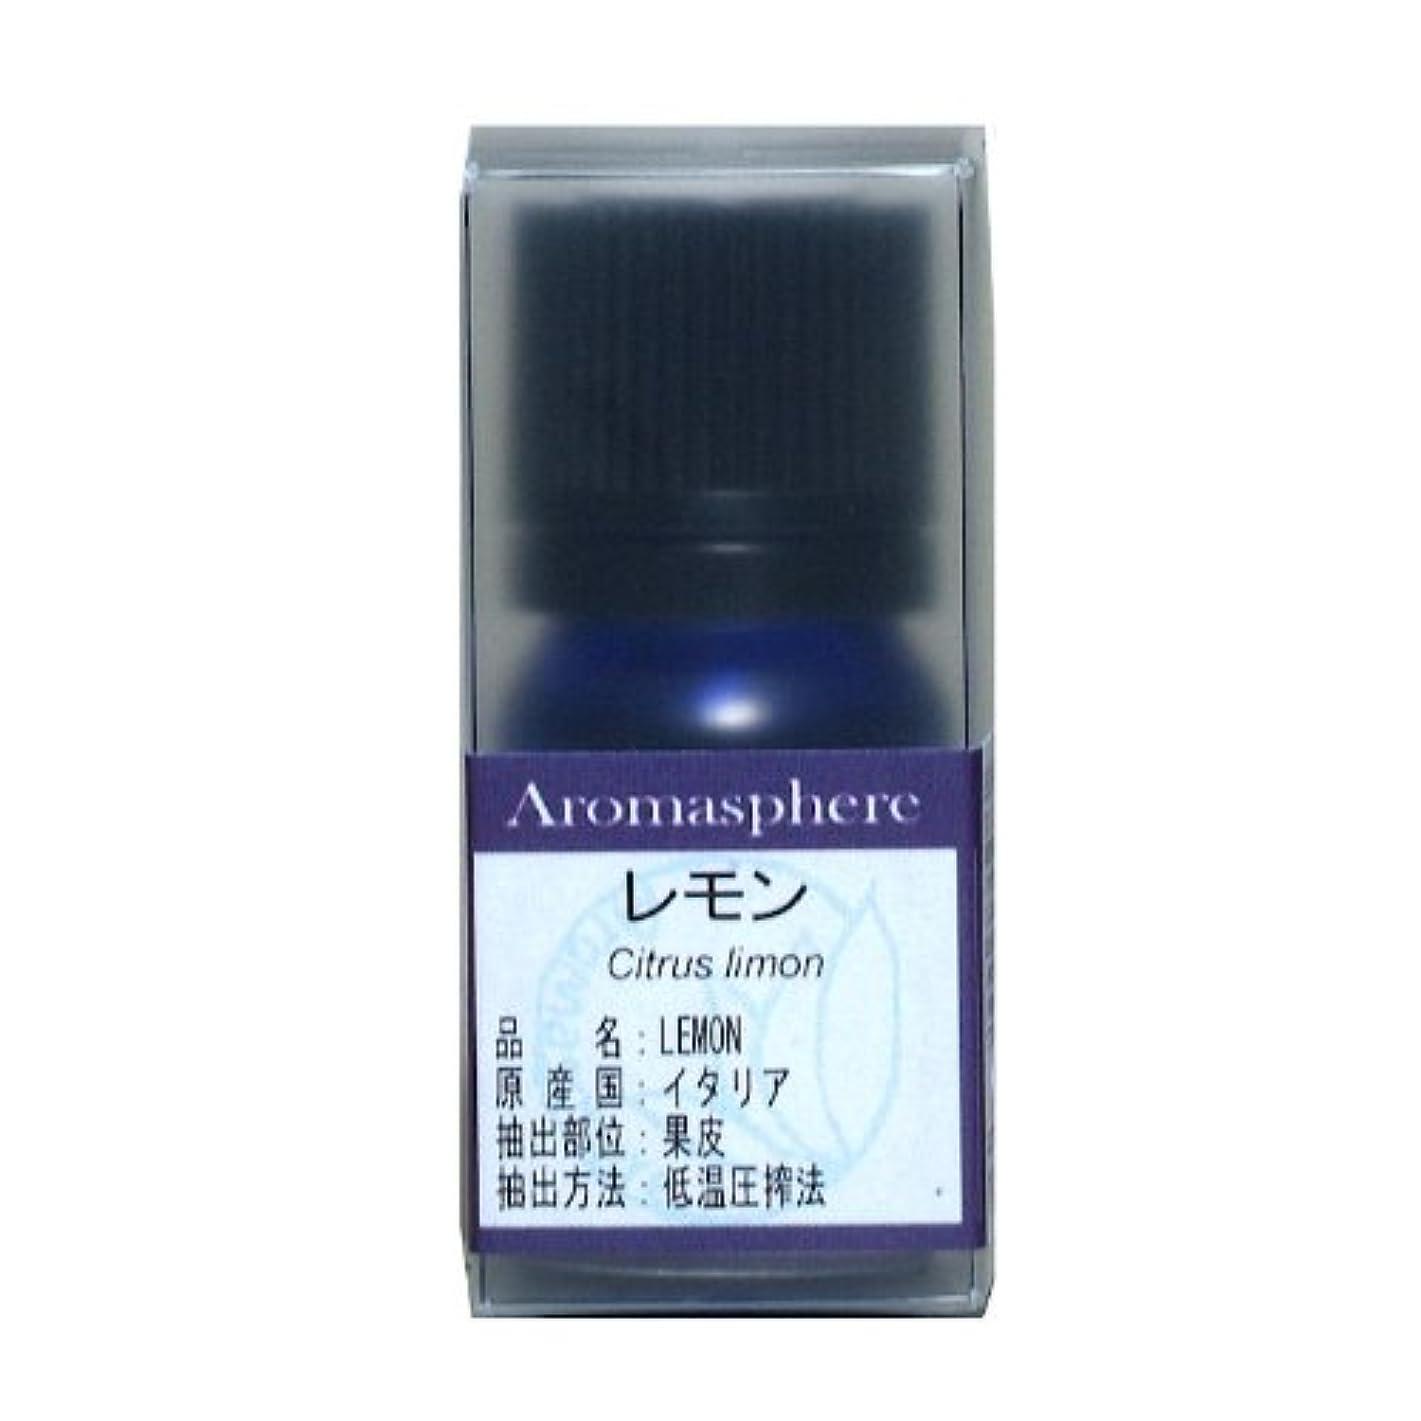 そこアラバマ服を着る【アロマスフィア】レモン 5ml エッセンシャルオイル(精油)